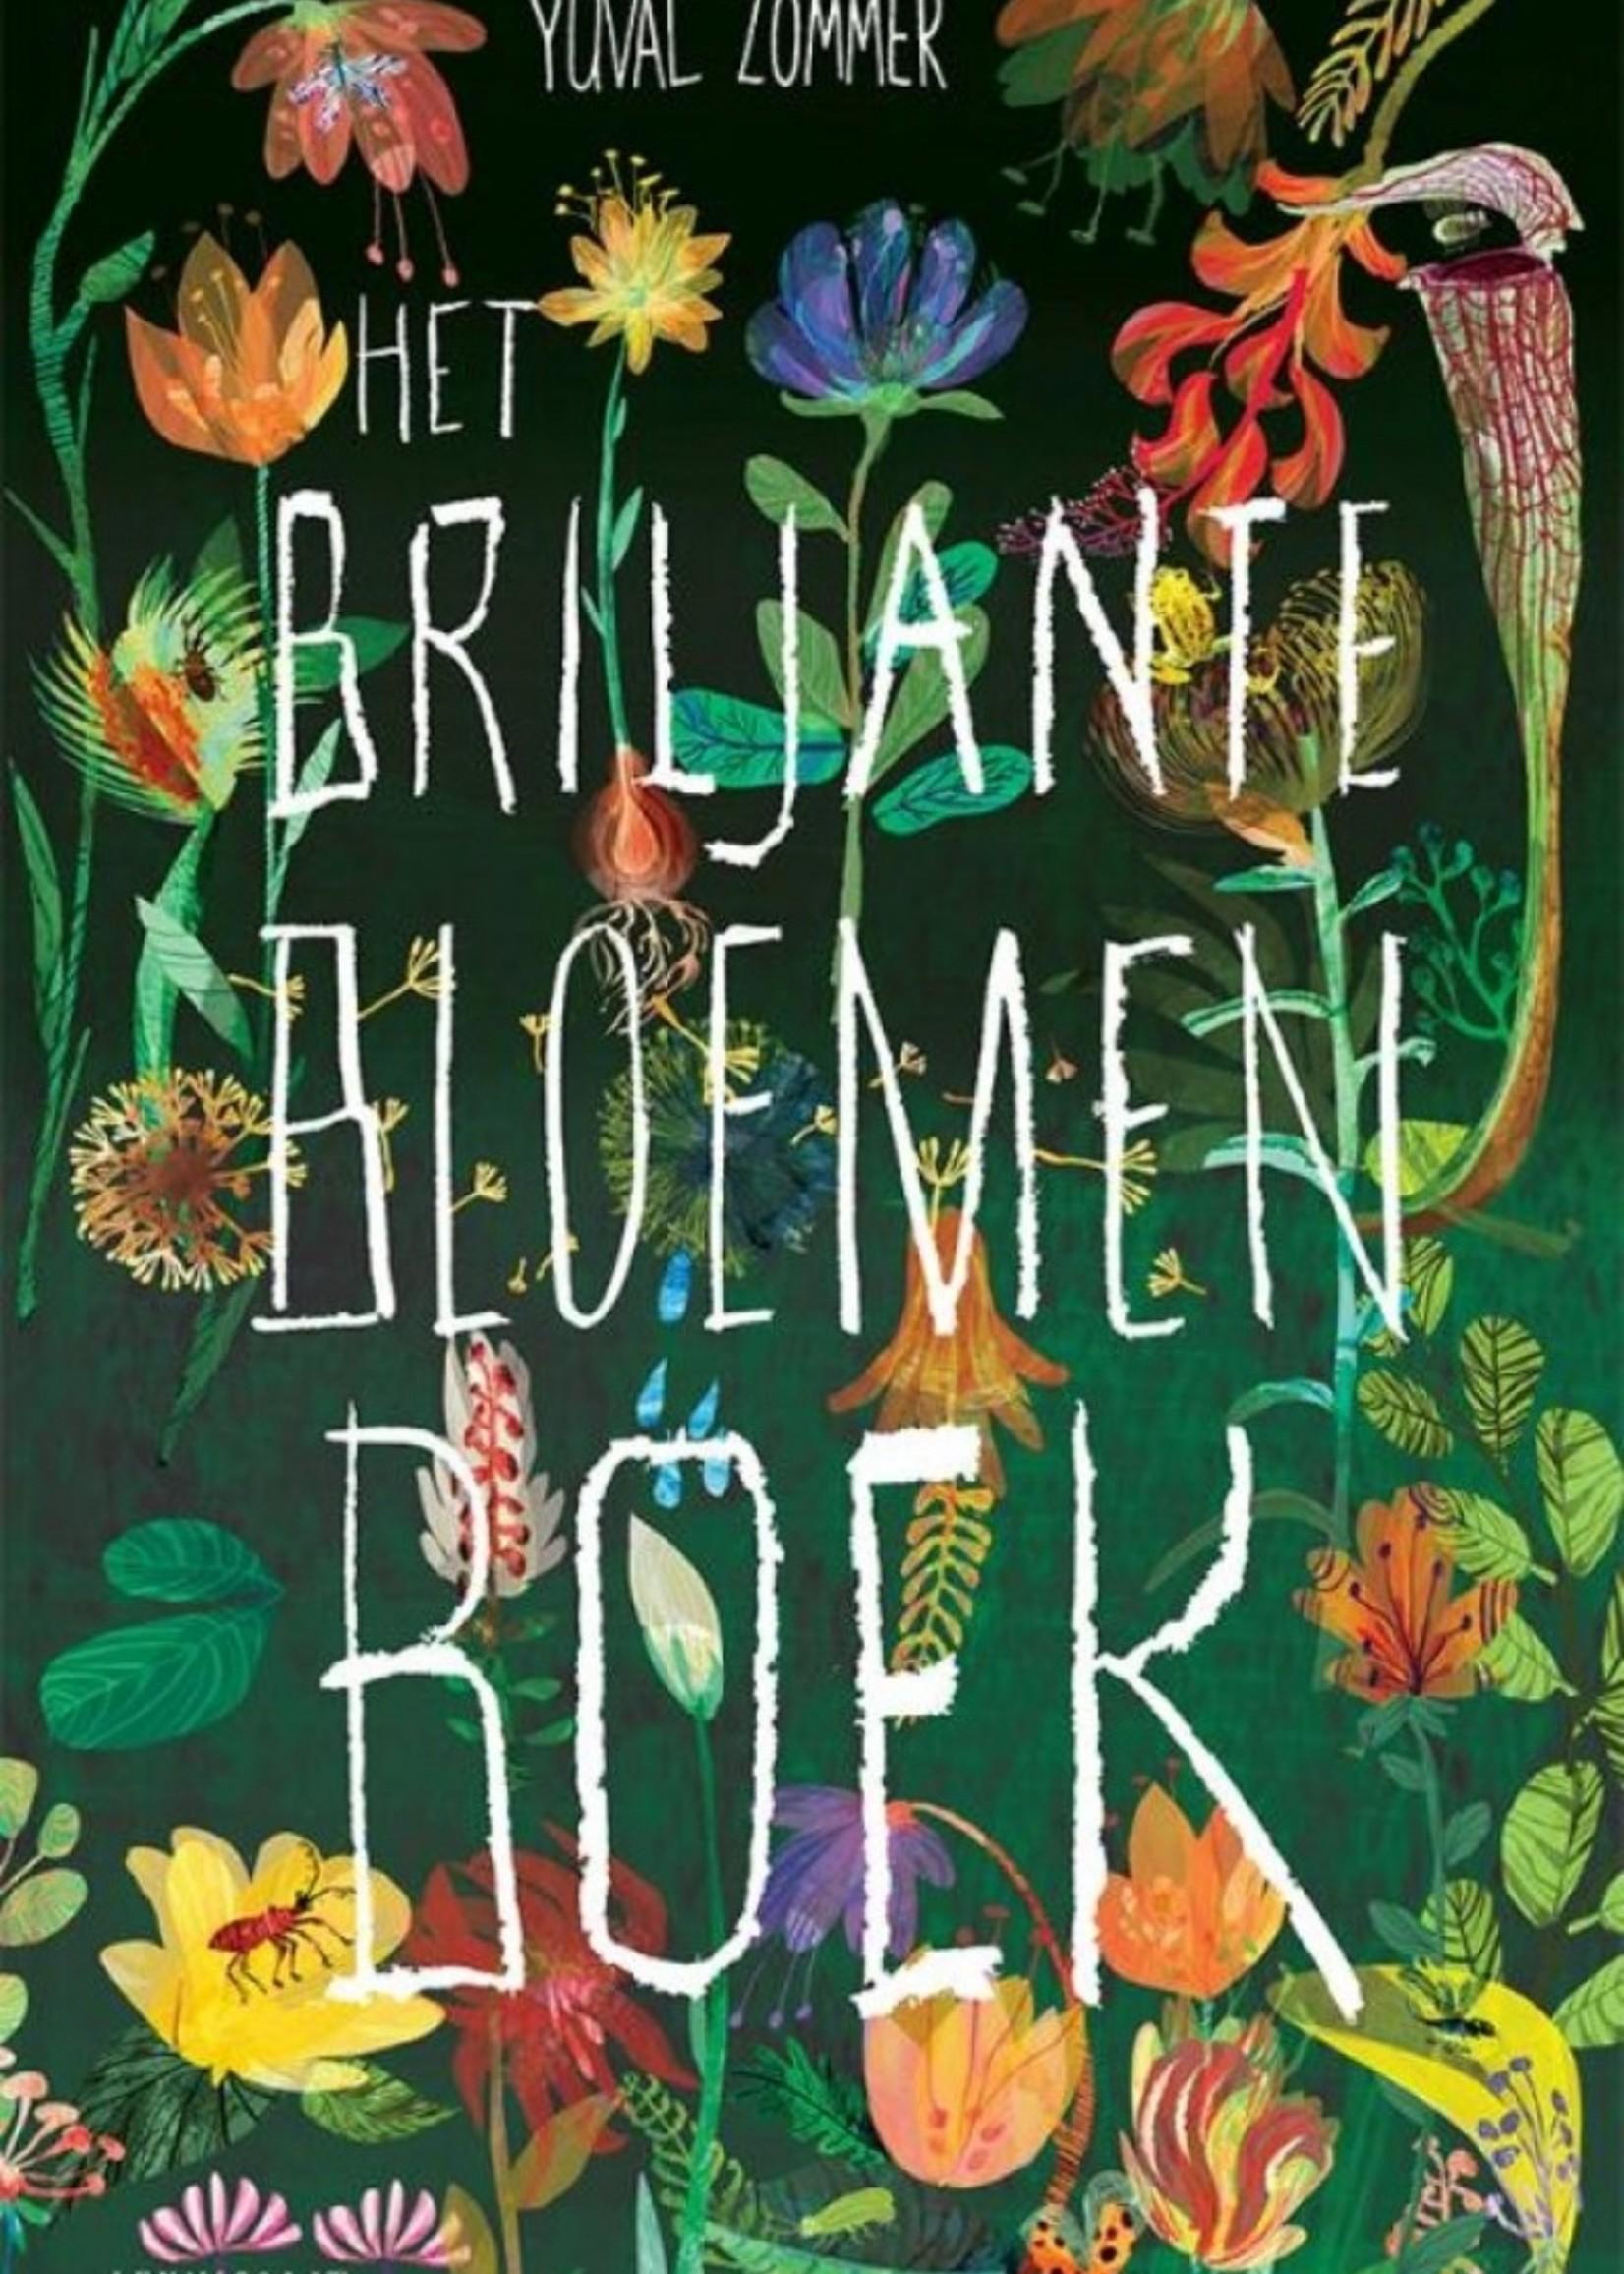 Boek - Het Briljante bloemen boek